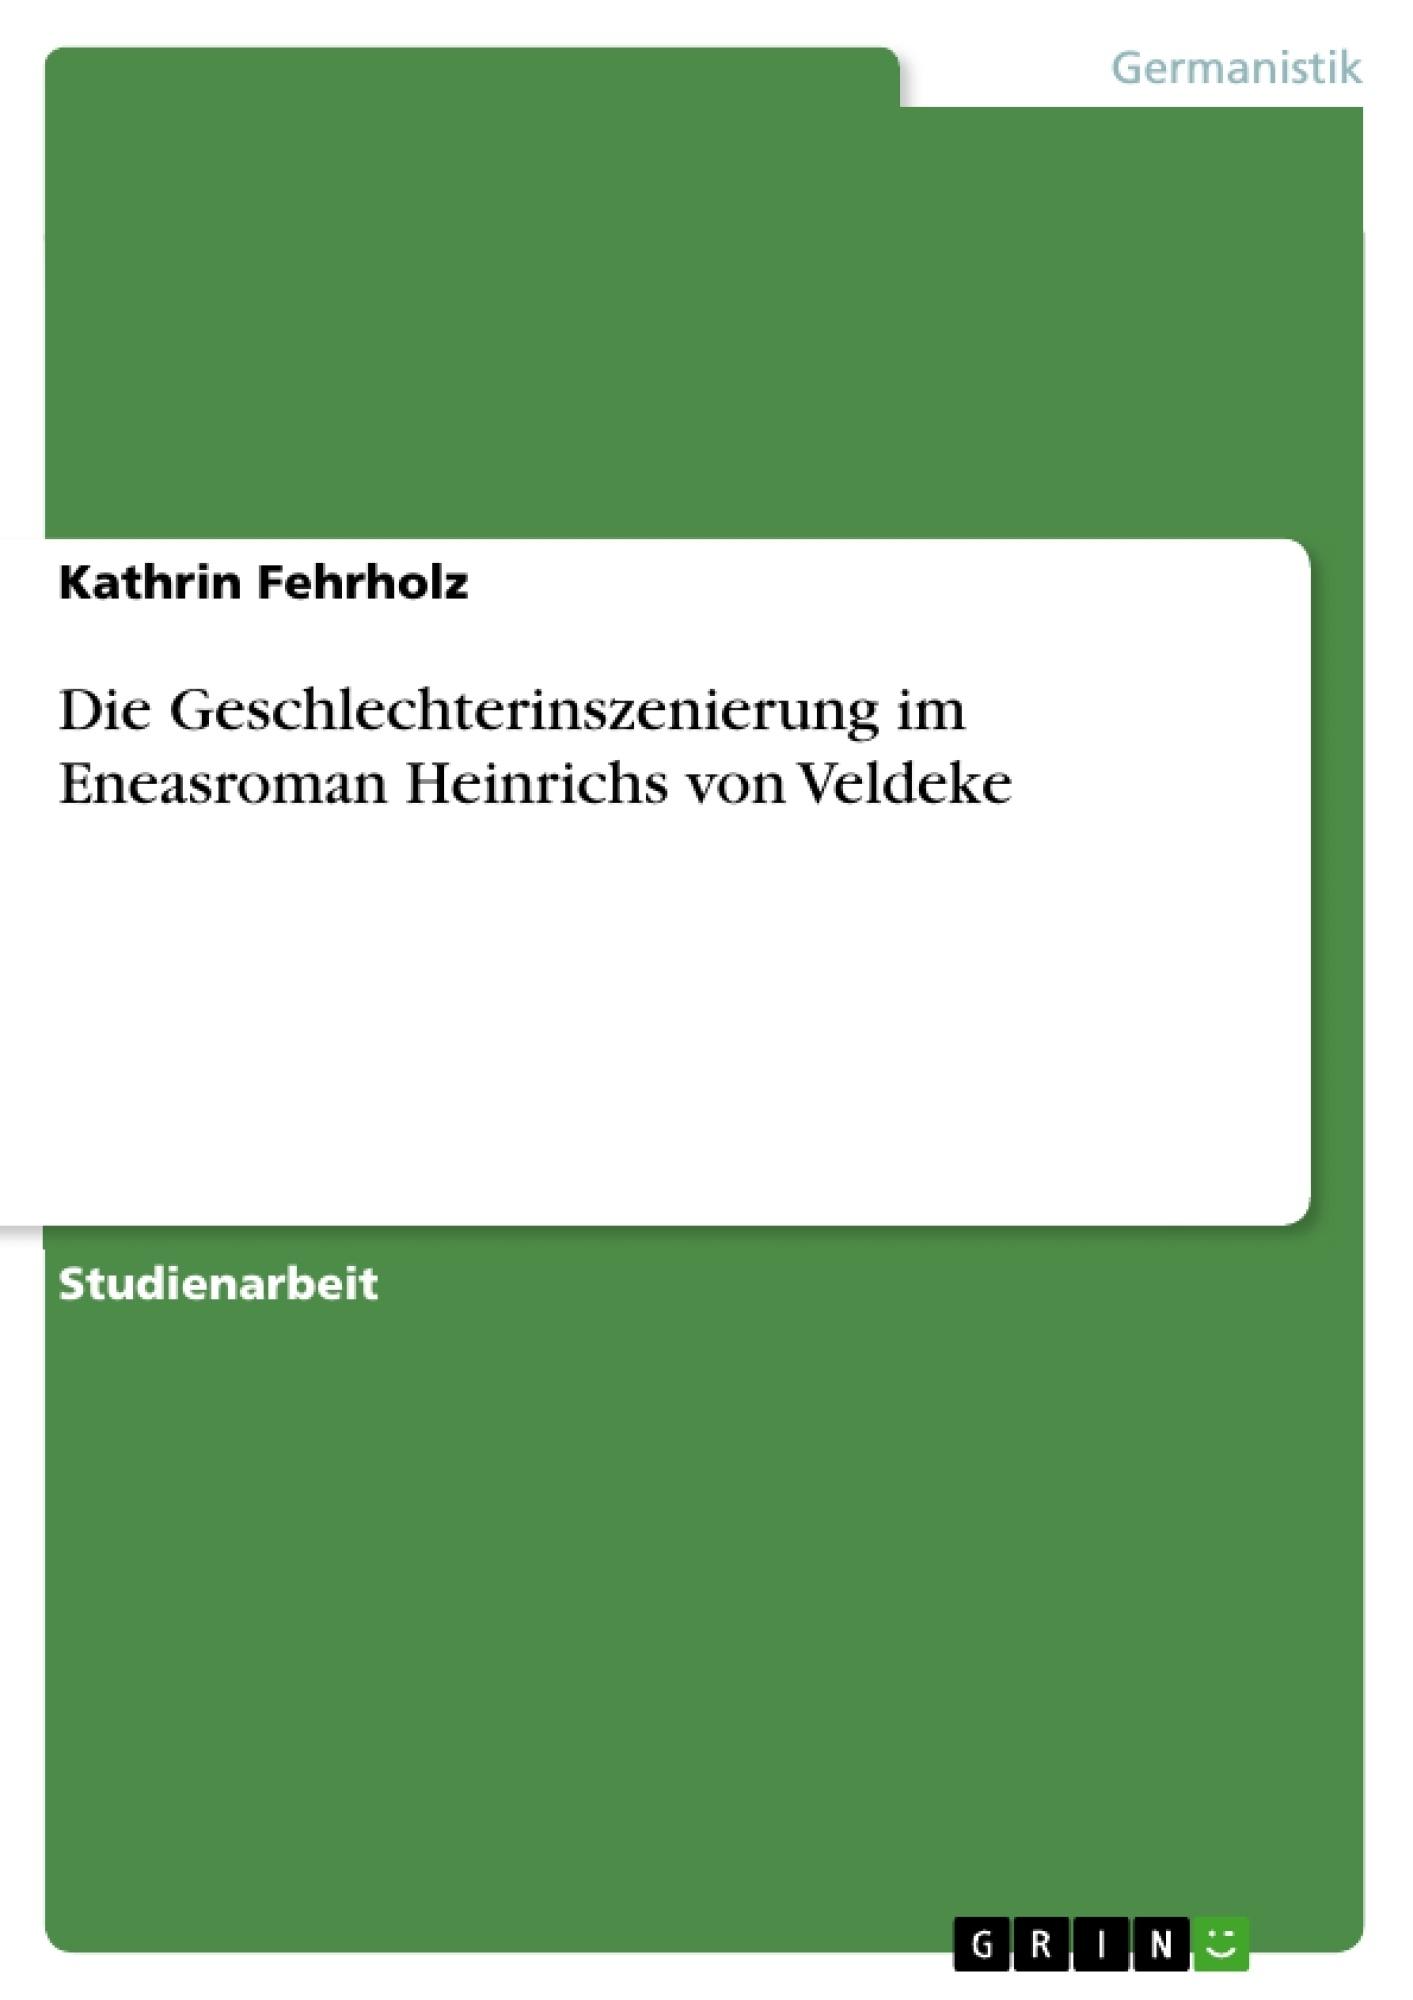 Titel: Die Geschlechterinszenierung im Eneasroman Heinrichs von Veldeke